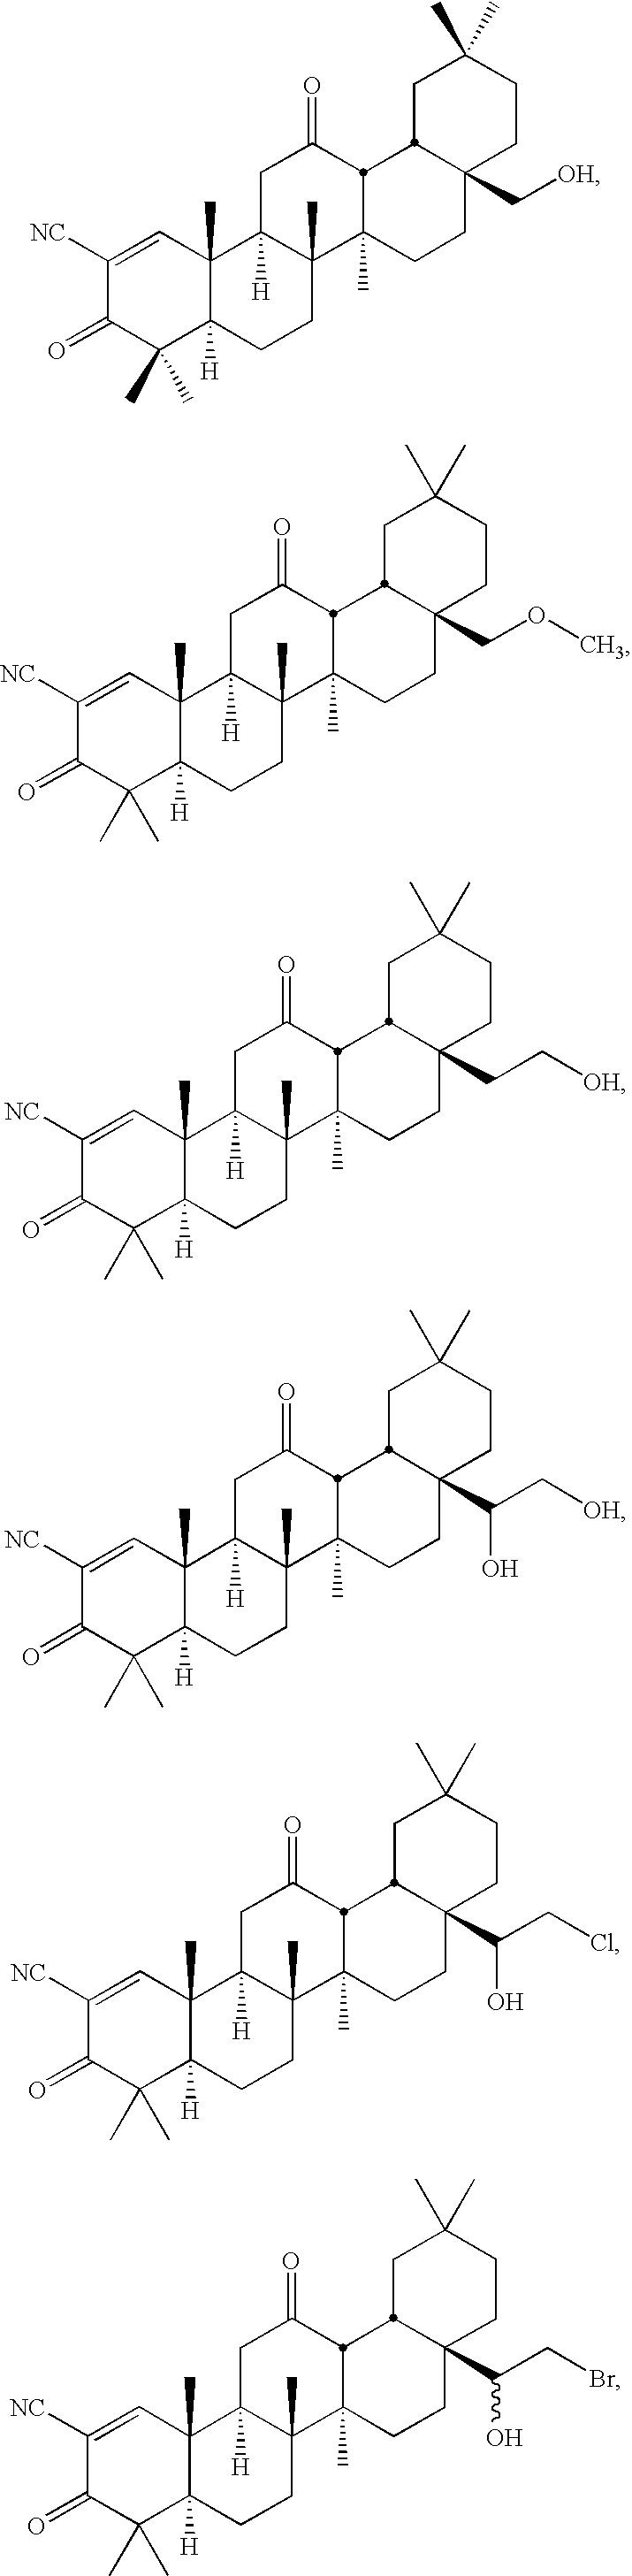 Figure US20100041904A1-20100218-C00105